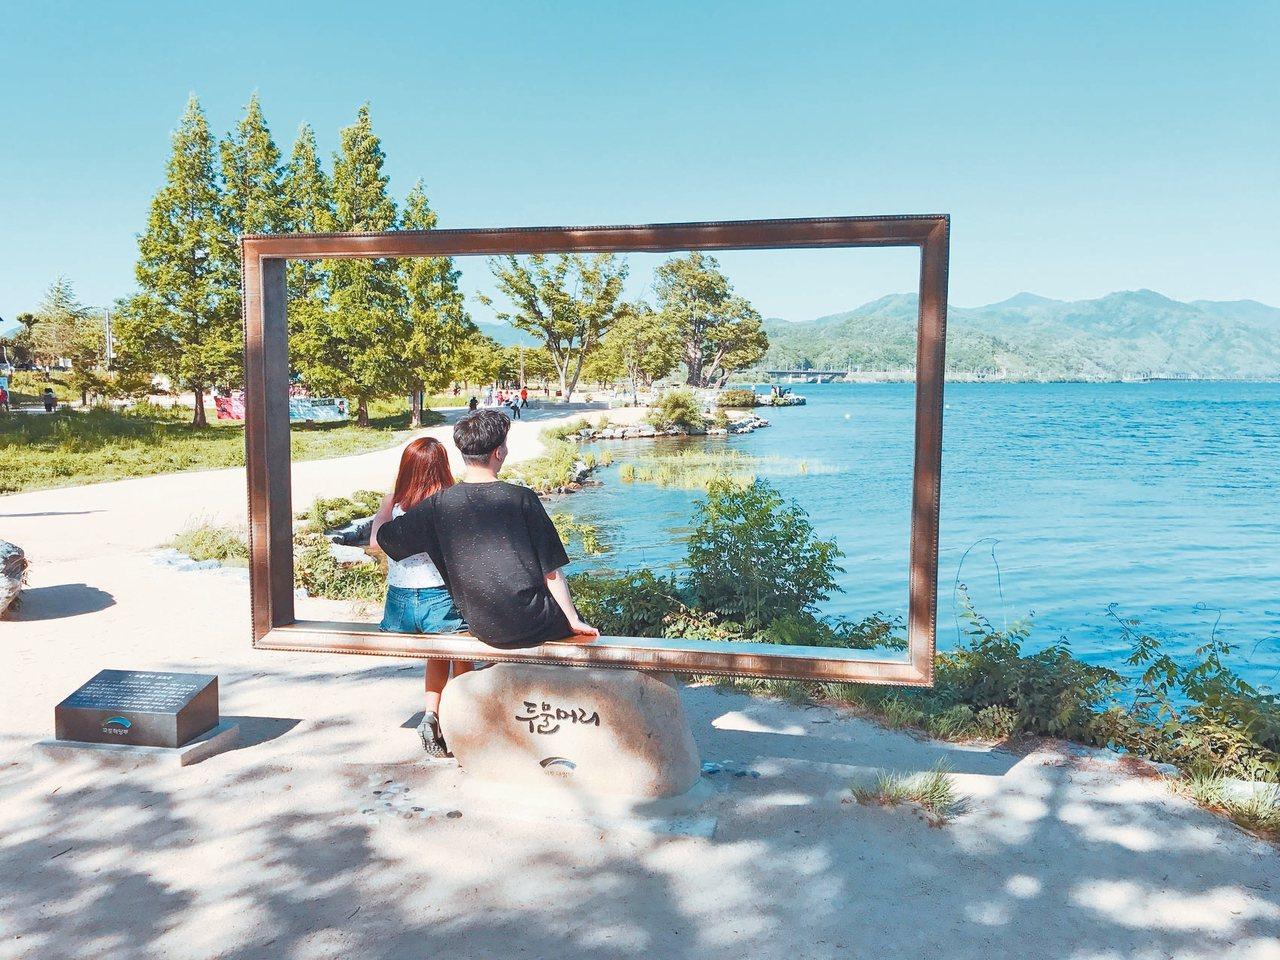 情侶爭相利用畫框合照。 記者李姿瑩/攝影